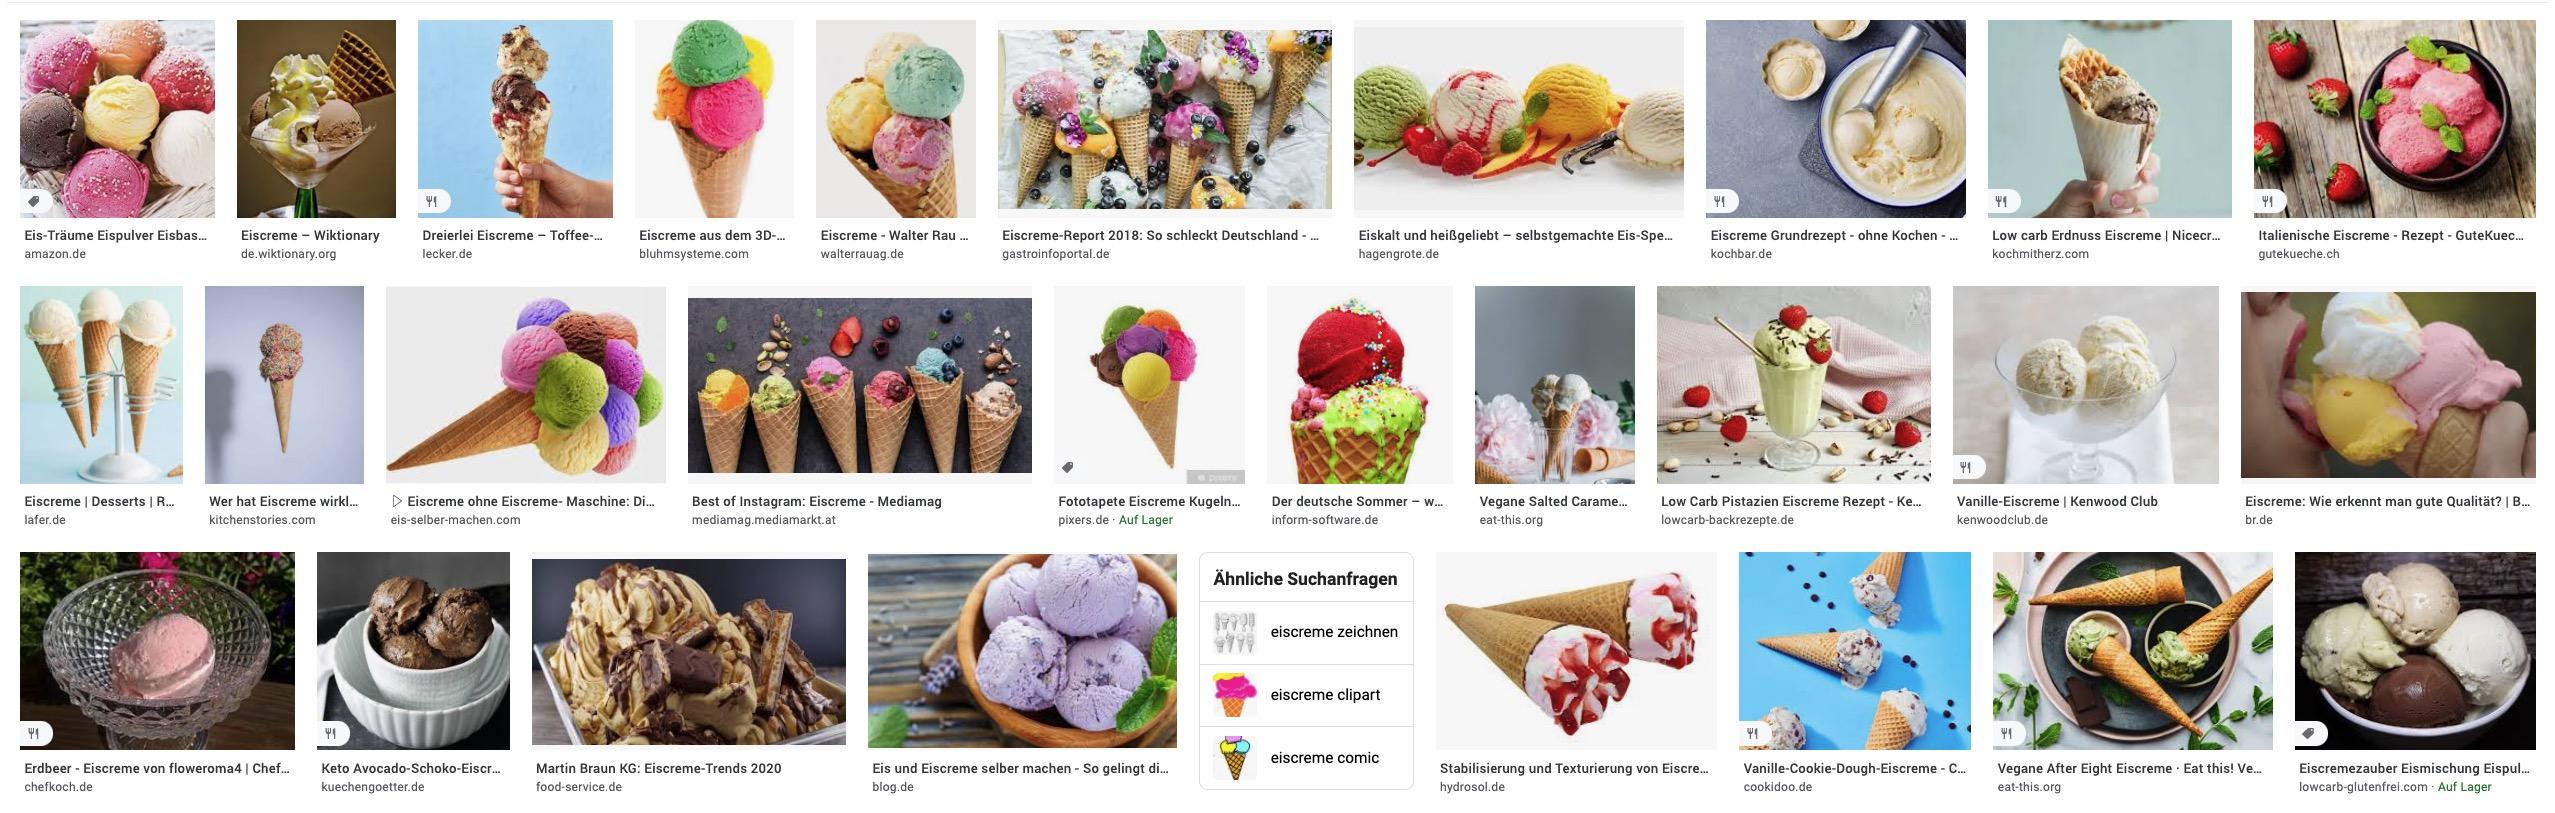 """Der Screenshot zeigt eine Google Bildersuche zur Suchanfrage """"Eiscreme"""". Dabei wird deutlich: Google legt lediglich die Bildhöhe fest. Bei der Bildbreite variieren die einzelnen Thumbnails."""